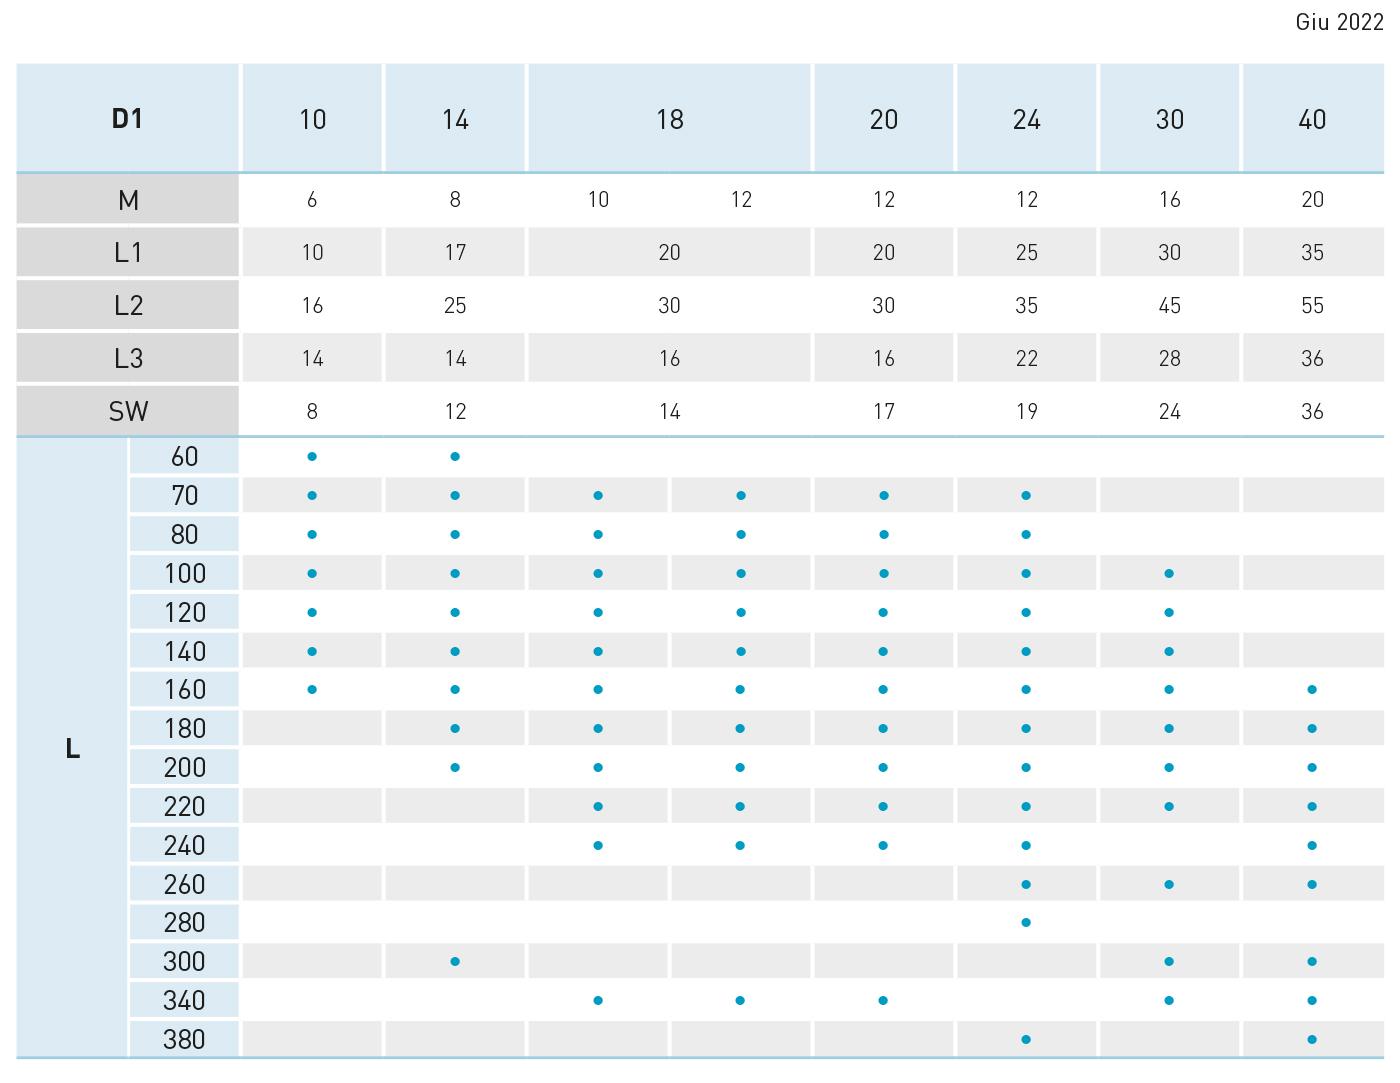 tabella colonna guida per dispositivo di estrazione T50